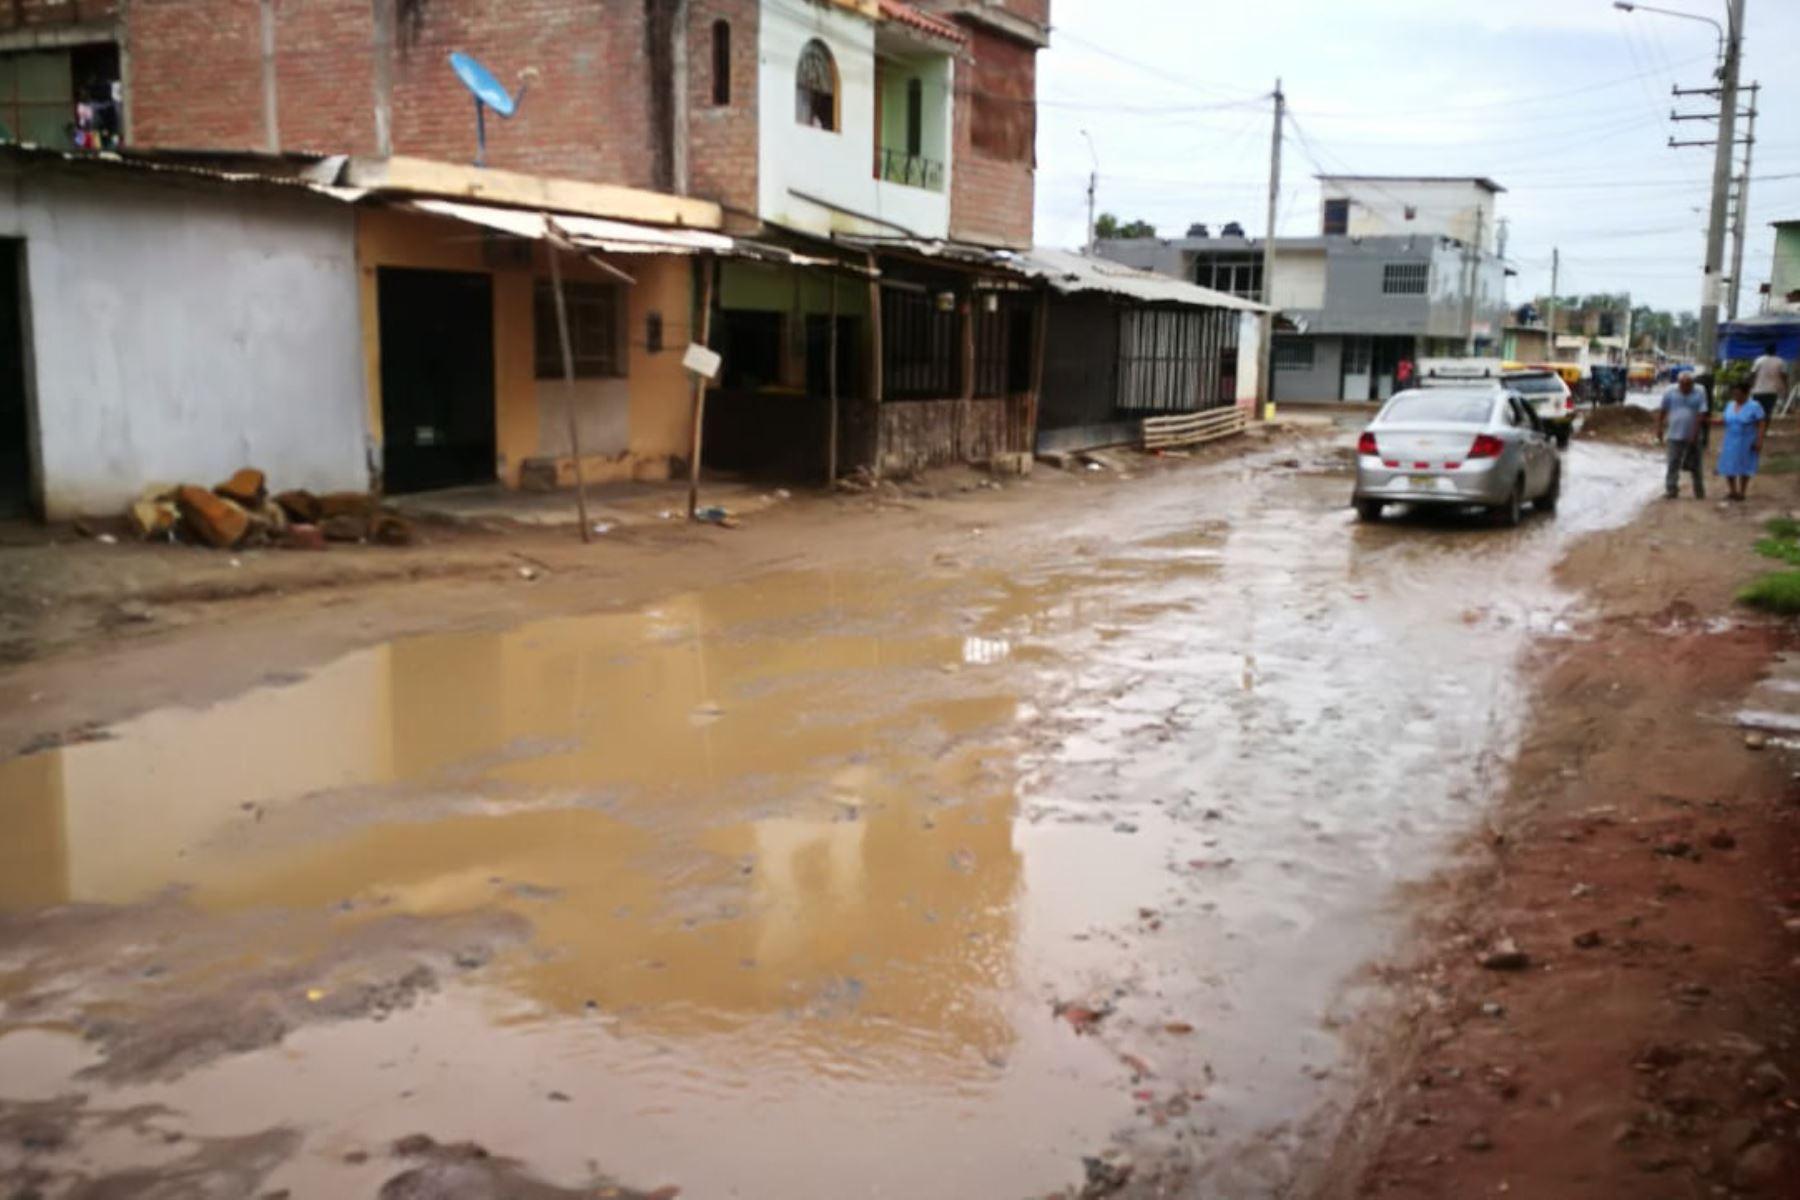 Lluvias intensas en diversos distritos de Piura dejan 6 viviendas destruidas y 182 afectadas, informó el Indeci. ANDINA/Archivo